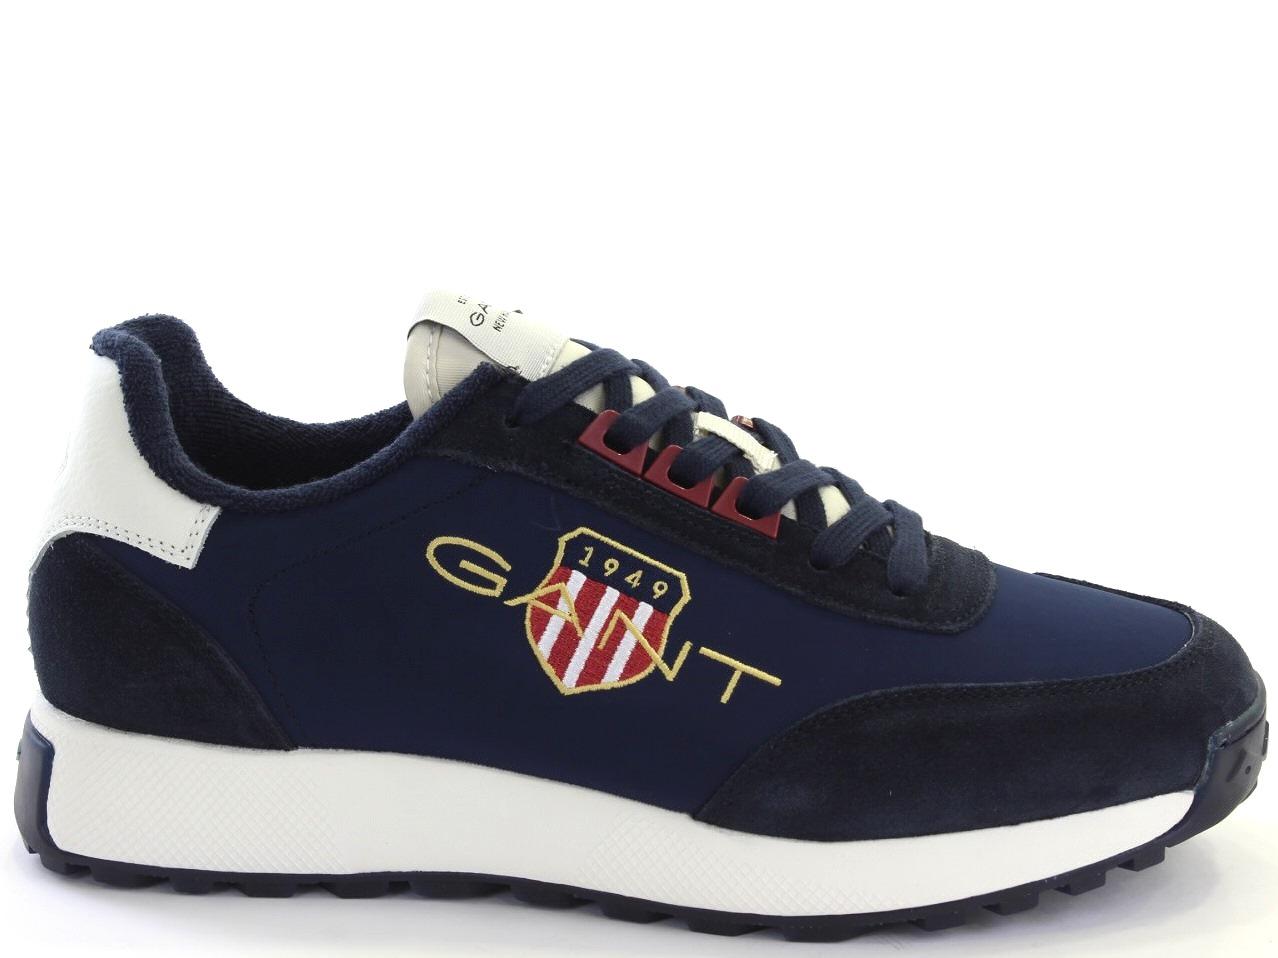 Sneakers, Espadrilles Gant - 478 GAROLD 22639640